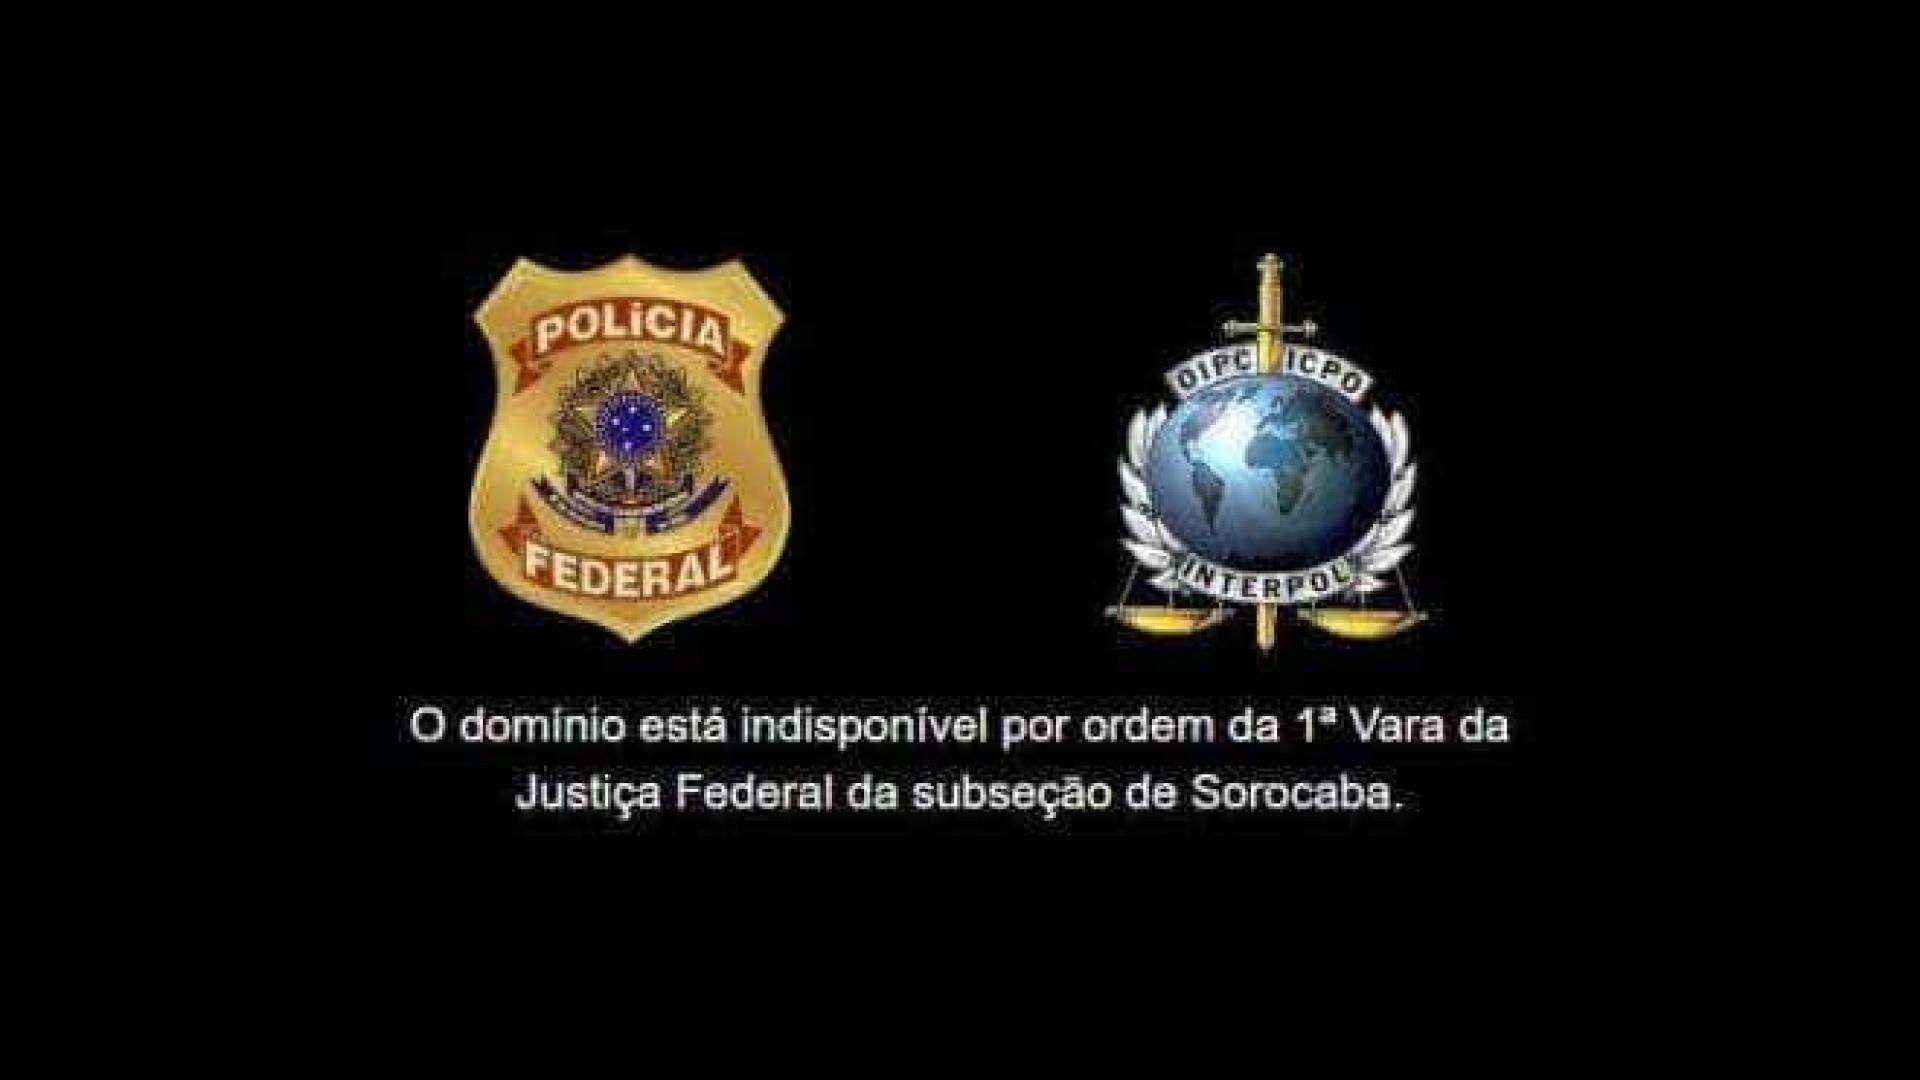 30 sites de pirataria são bloqueados pela Polícia Federal